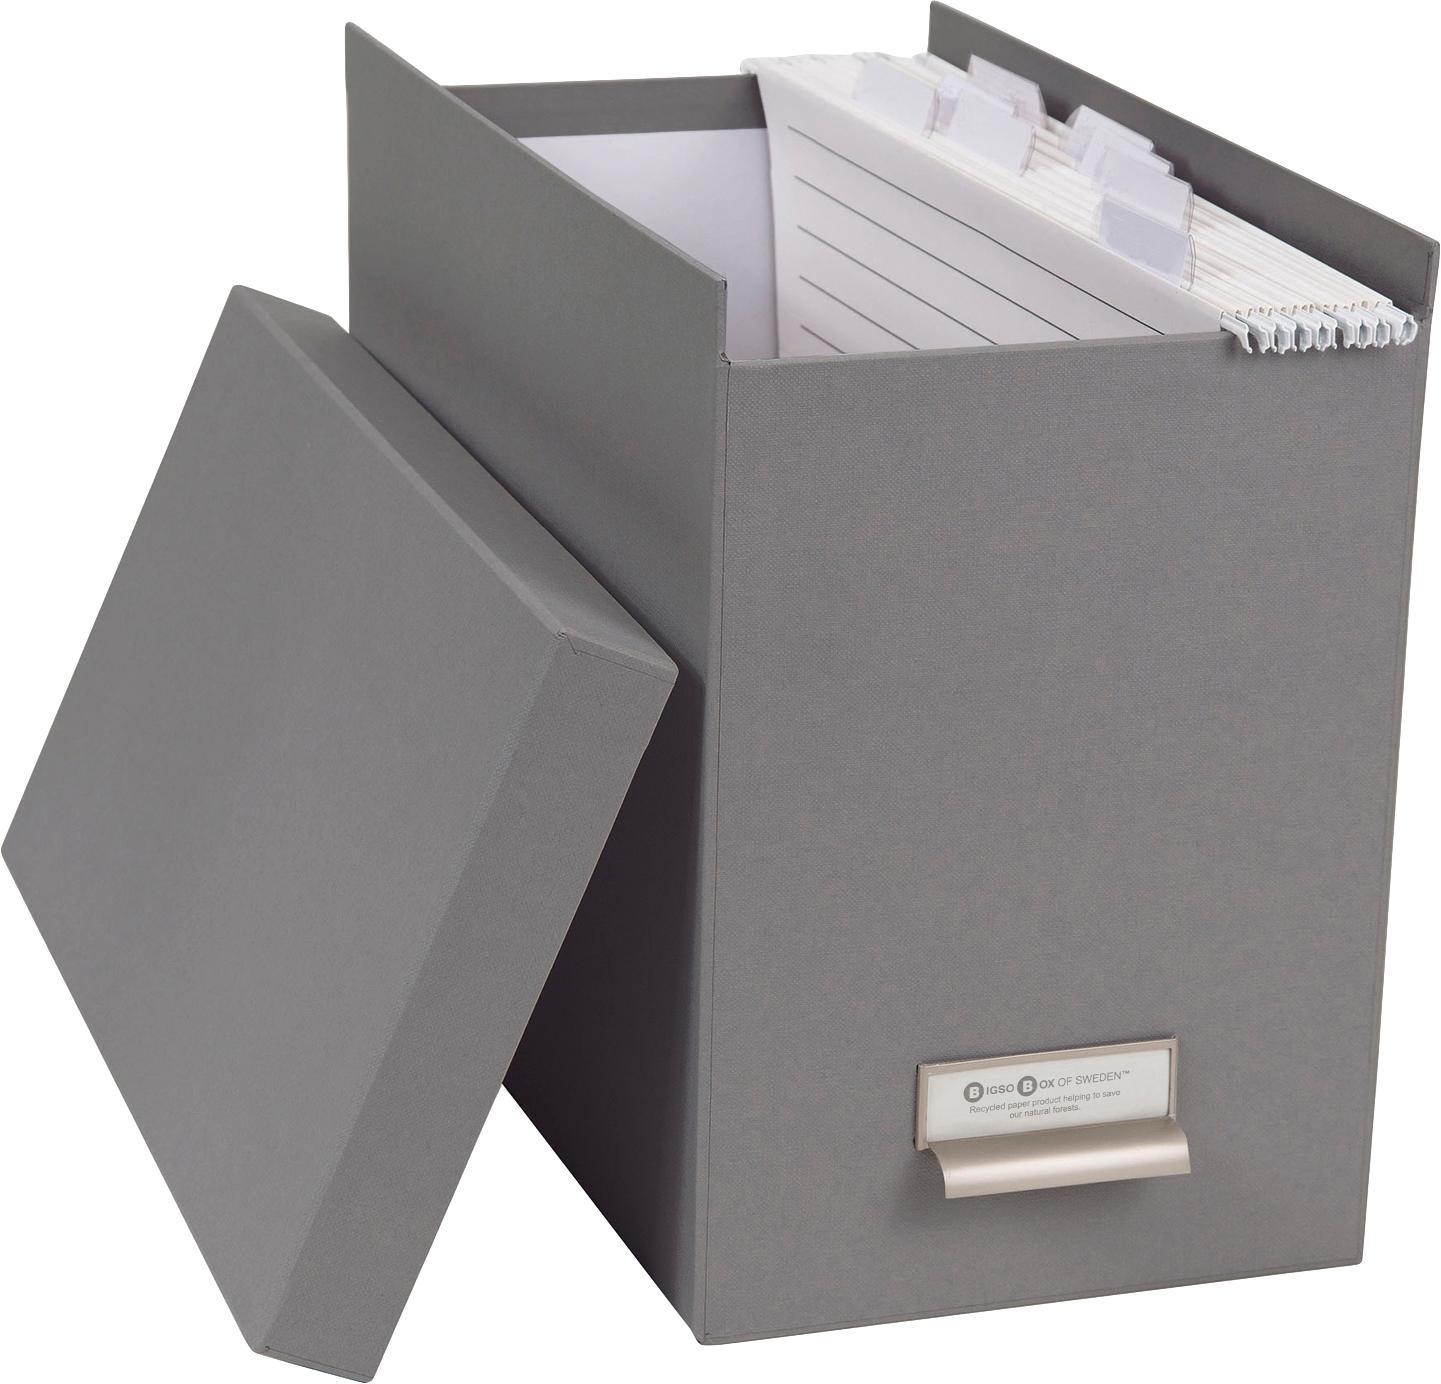 Scatola-archivio per documenti Johan, 9 pz., Organizzatore esterno: grigio chiaro Organizzatore interno: bianco, L 19 x A 27 cm